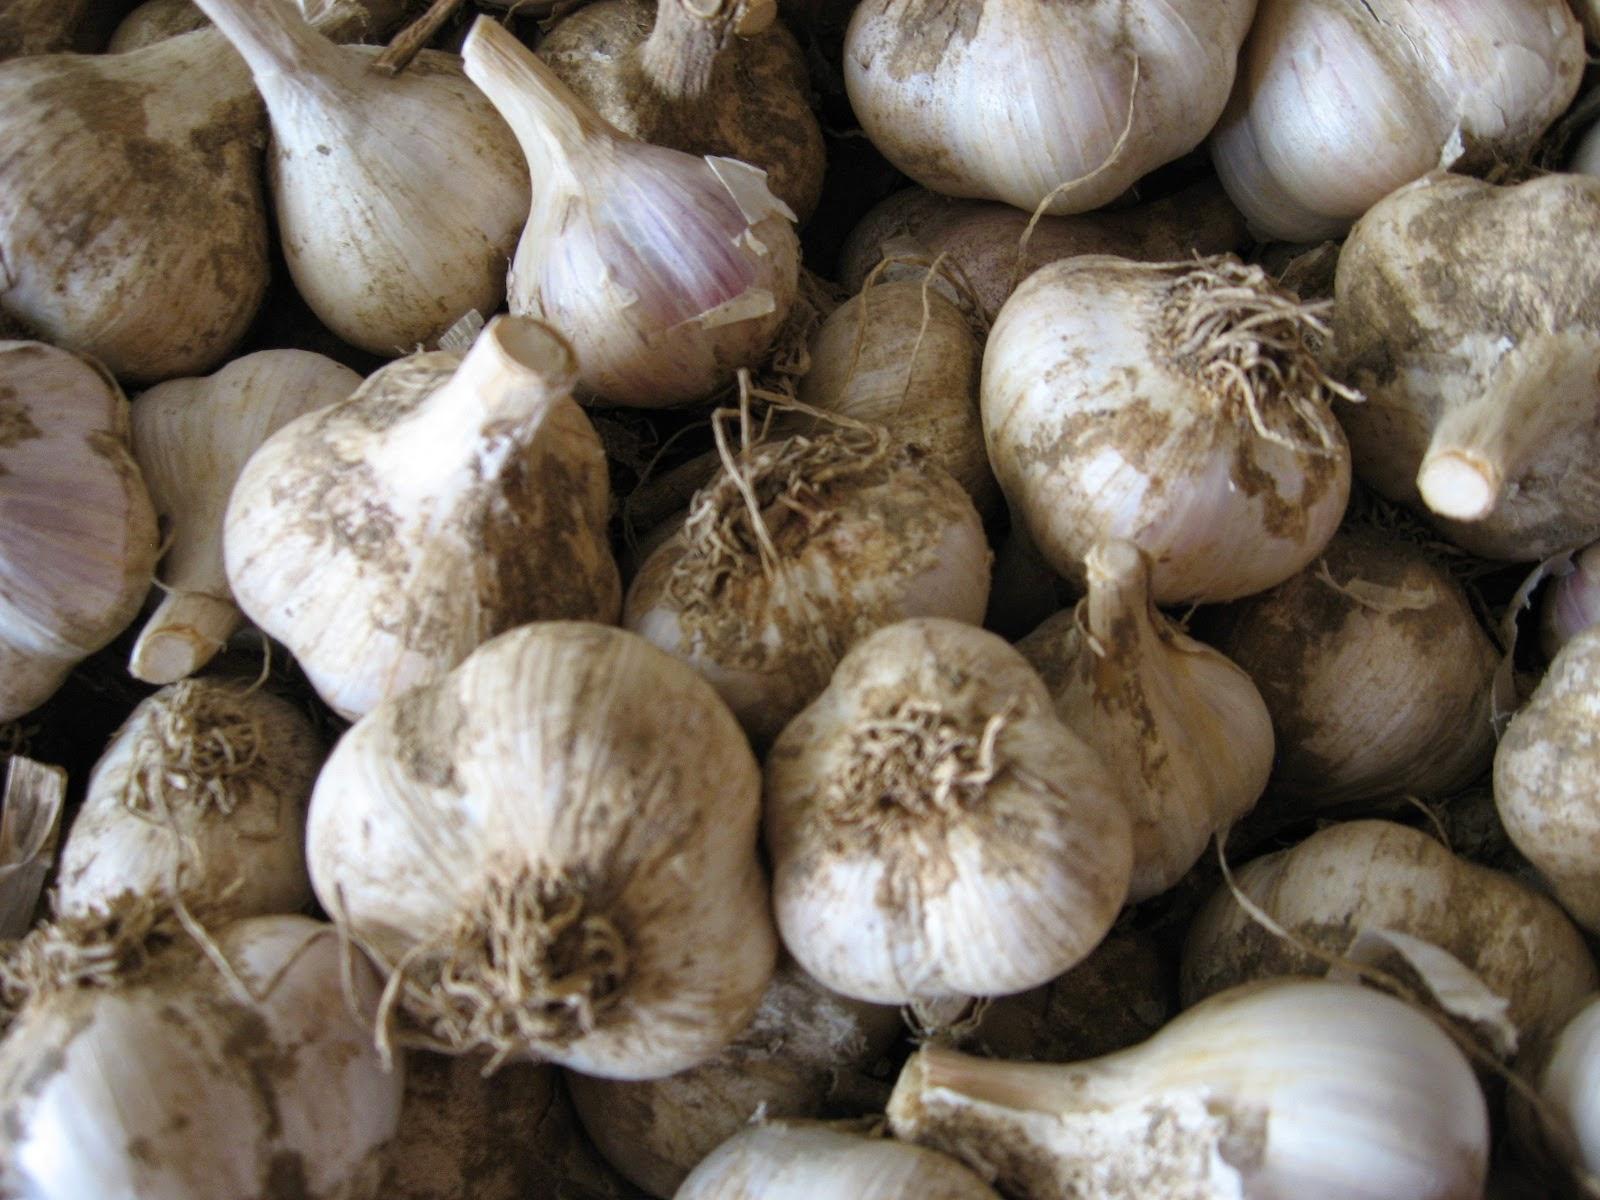 Freshly dried garlic